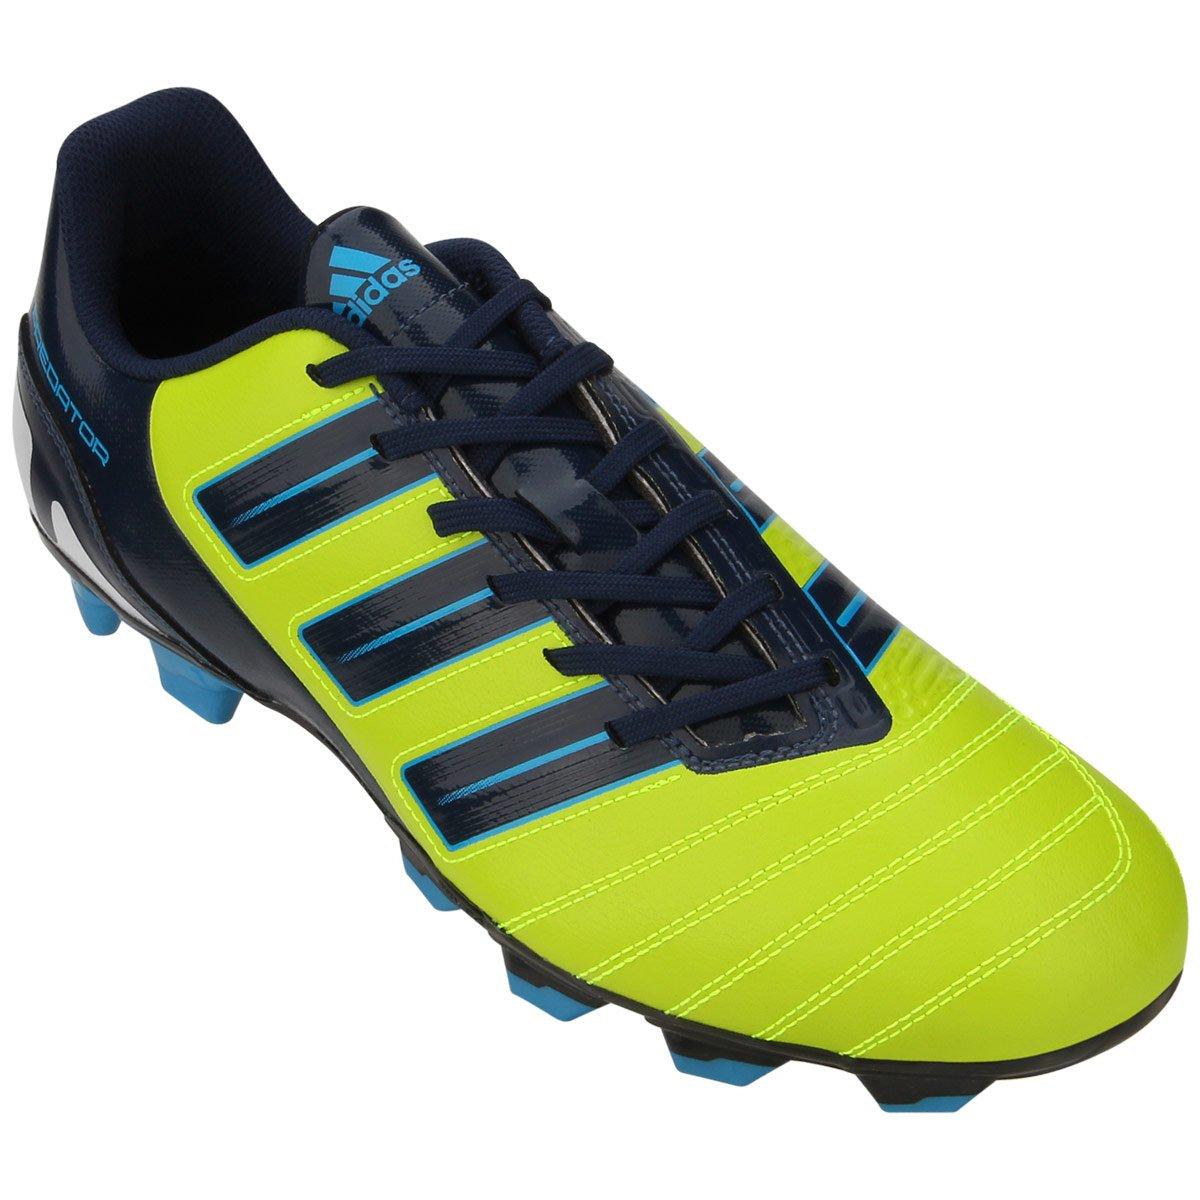 77c3dc61fc6 Chuteira Adidas Predito XI TRX FG - Compre Agora